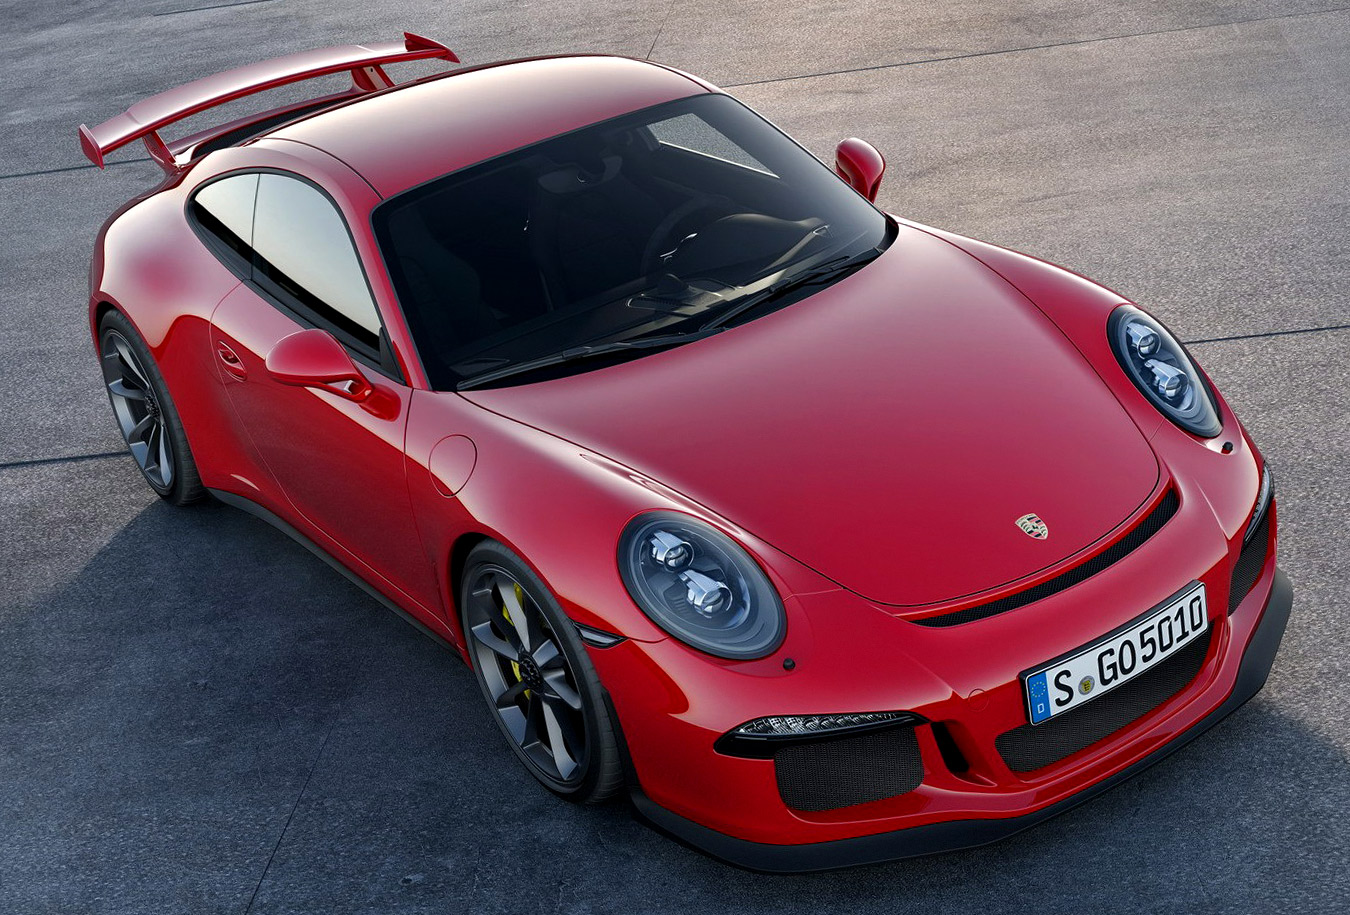 Porsche-991-GT3-1.jpg